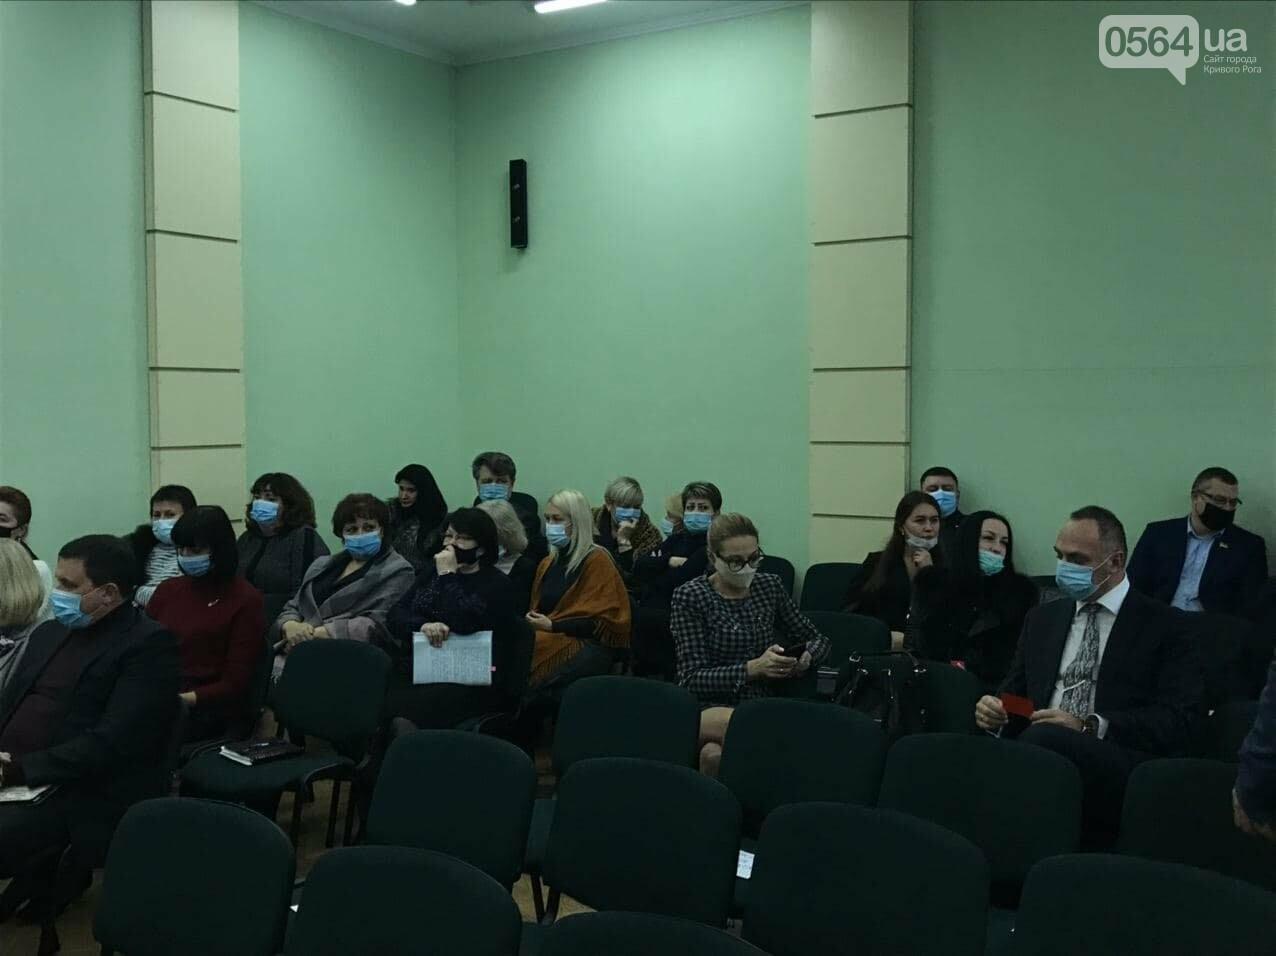 Руководить Металлургическим райсоветом продолжит Геннадий Шаповалов, - ФОТО , фото-1